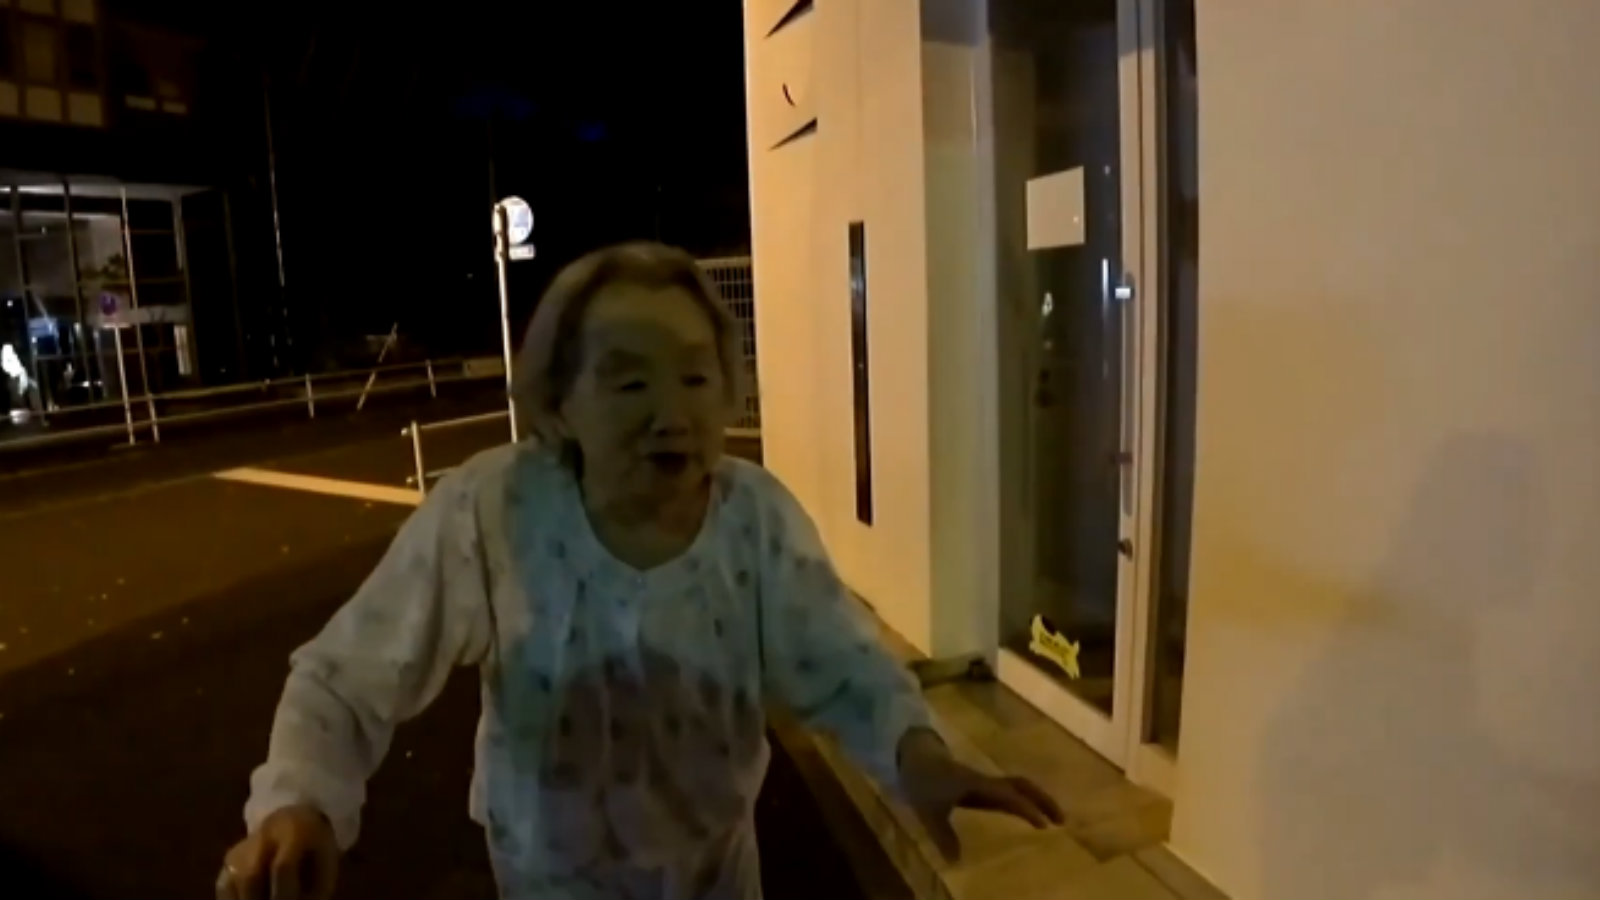 Nanpa saves elderly woman